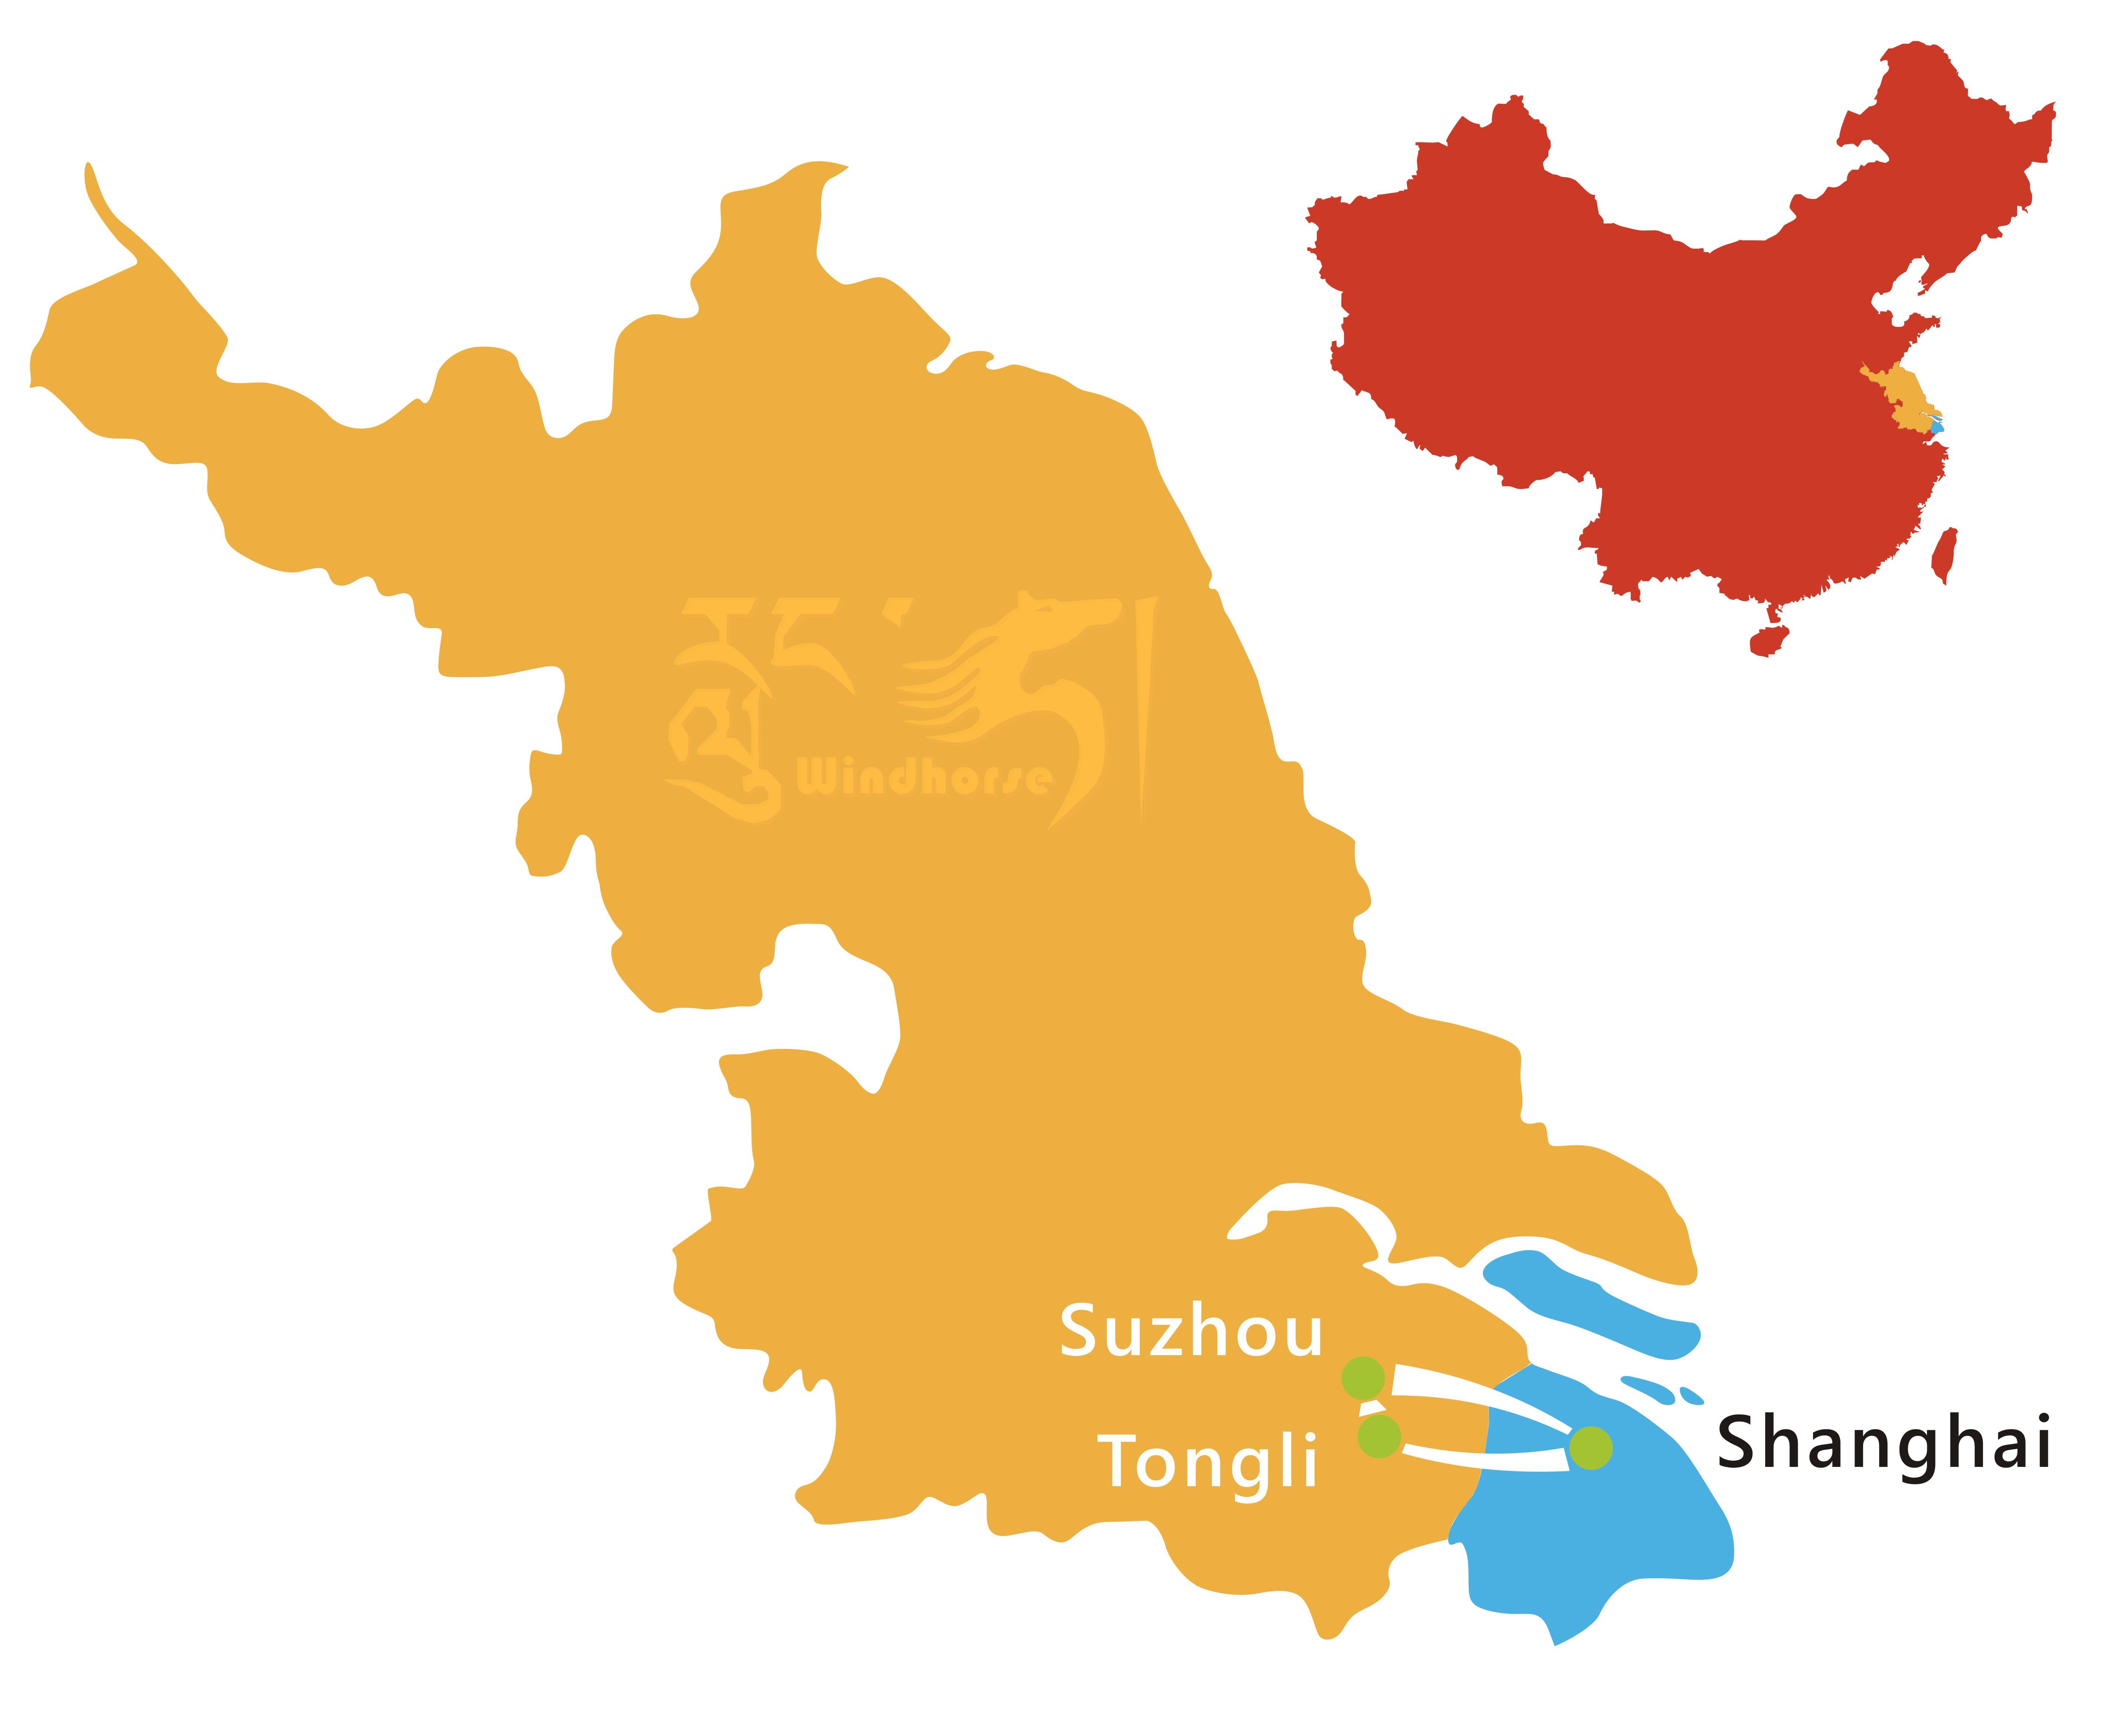 Shanghai Suzhou Tour Route